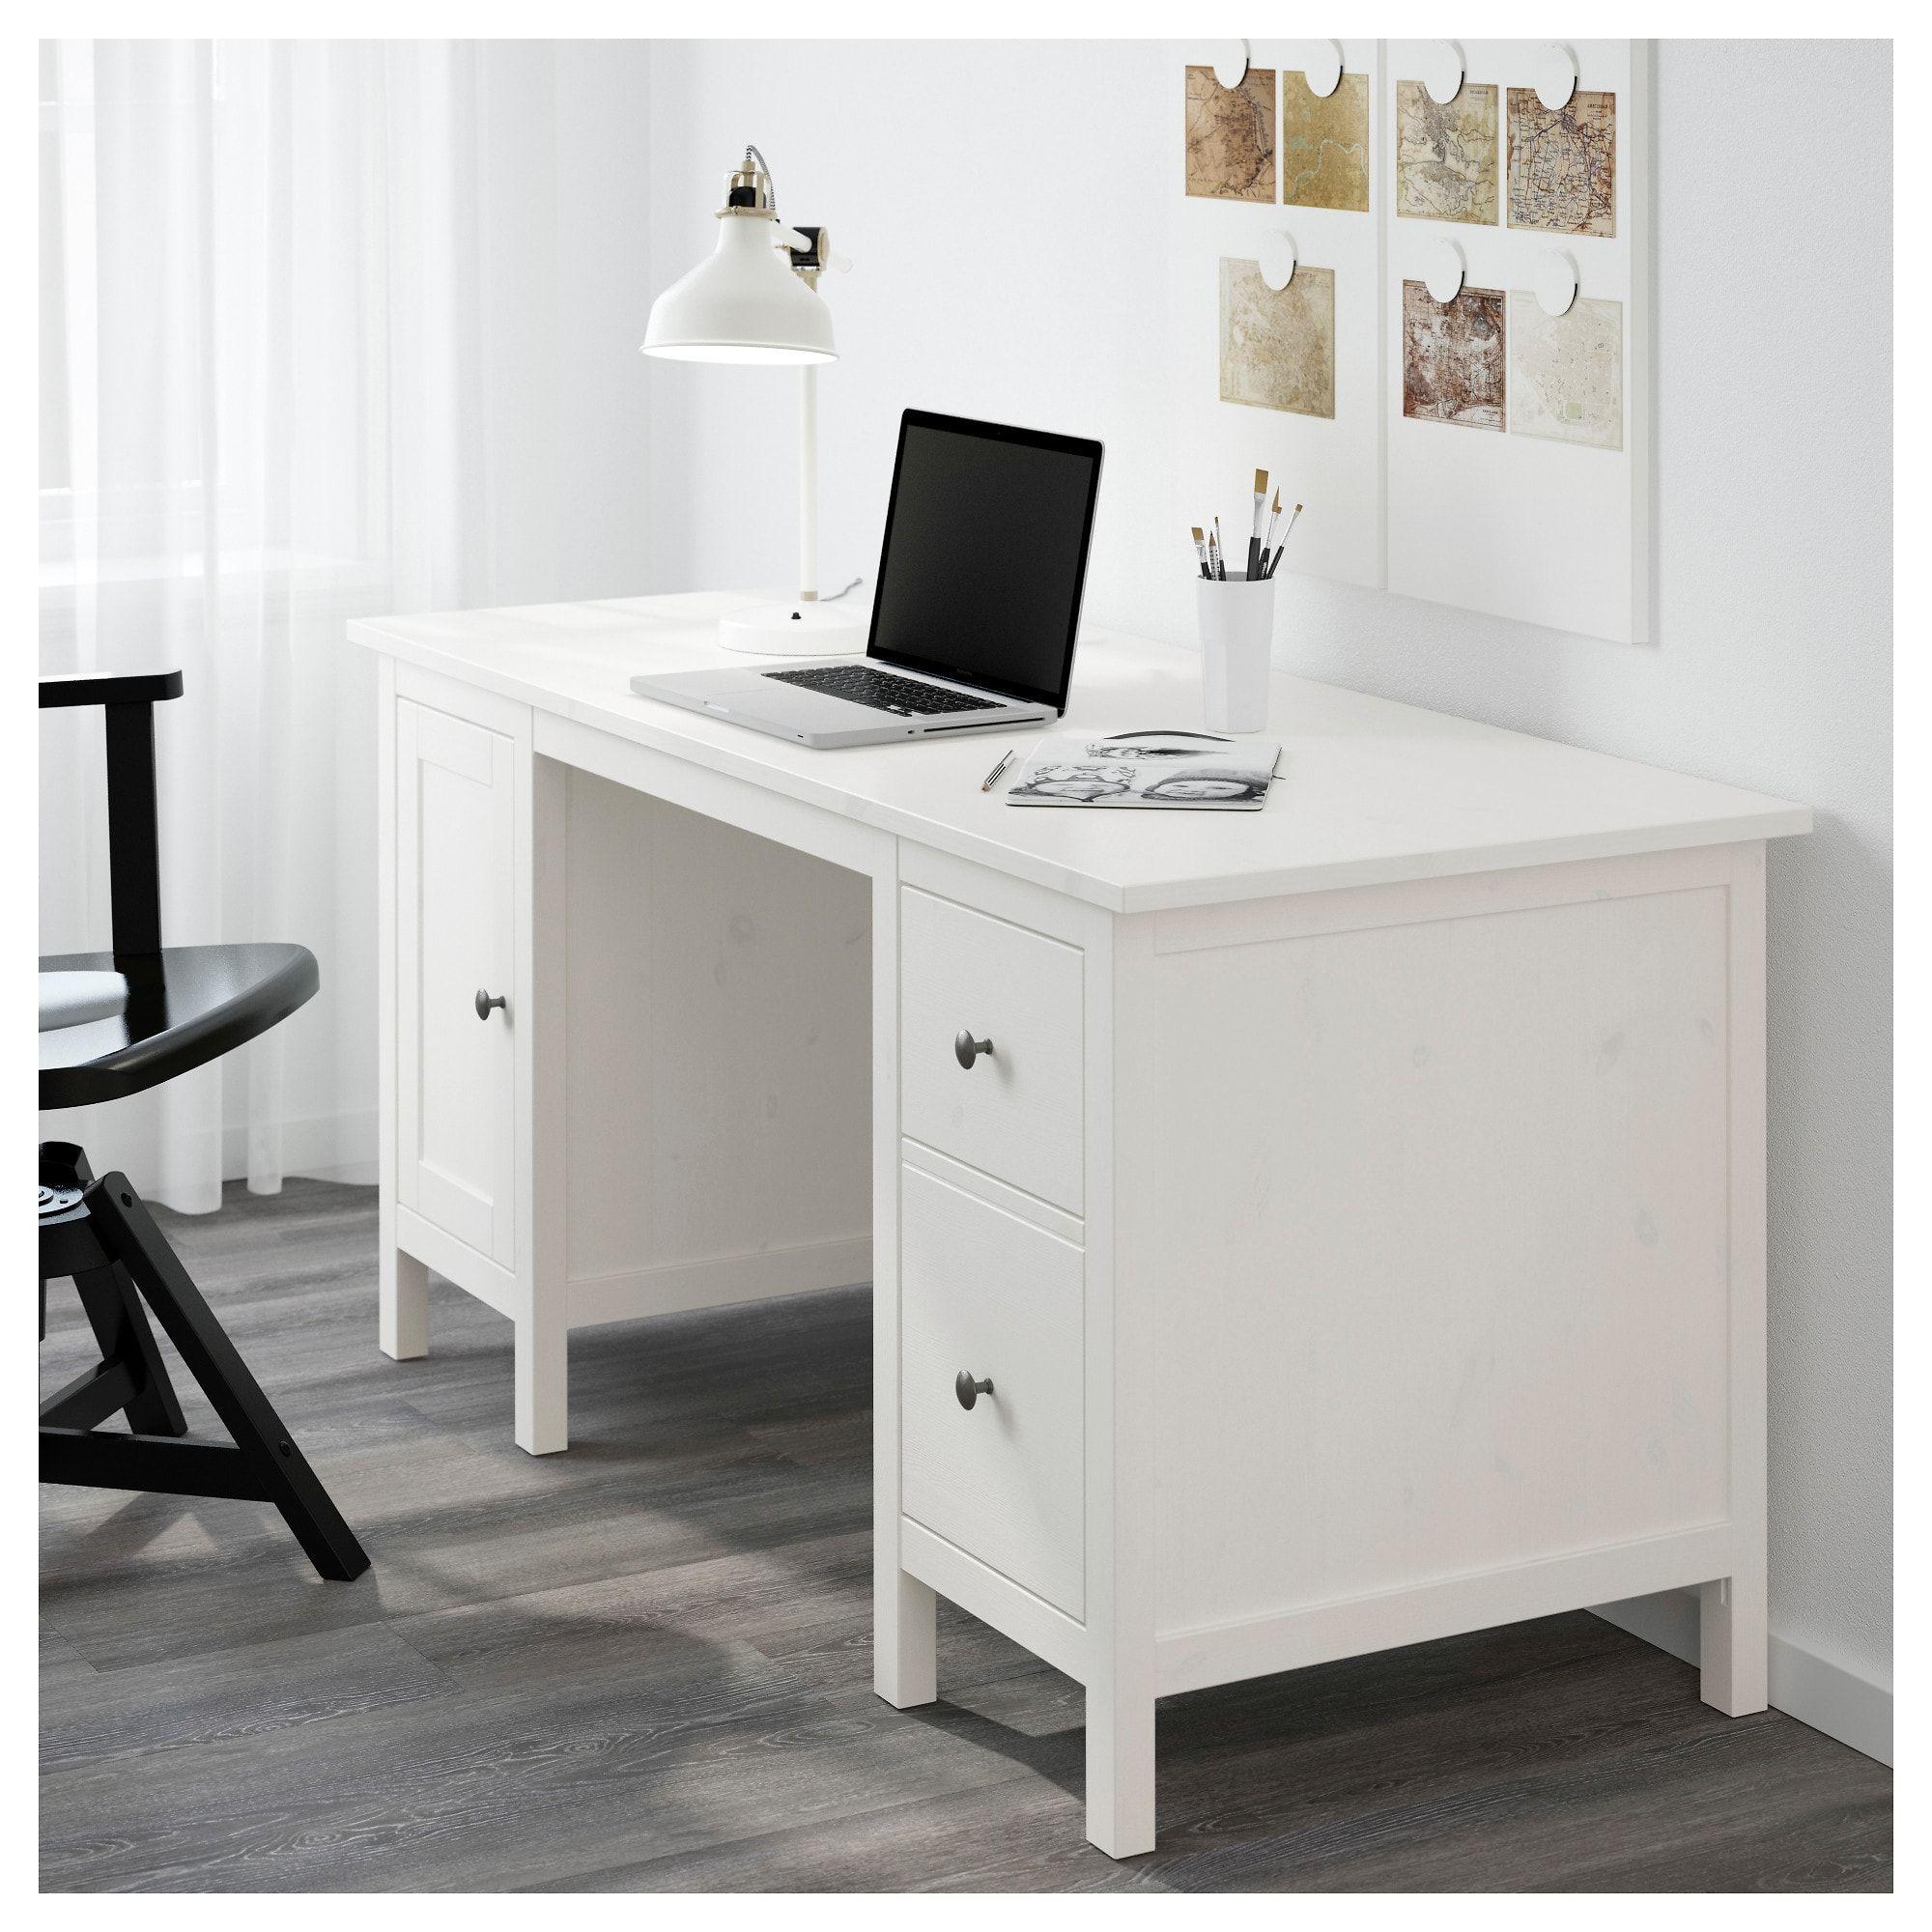 Hemnes Bureau Ikea Wit.Hemnes Bureau Wit Gebeitst Zolder In 2019 Ikea Desk